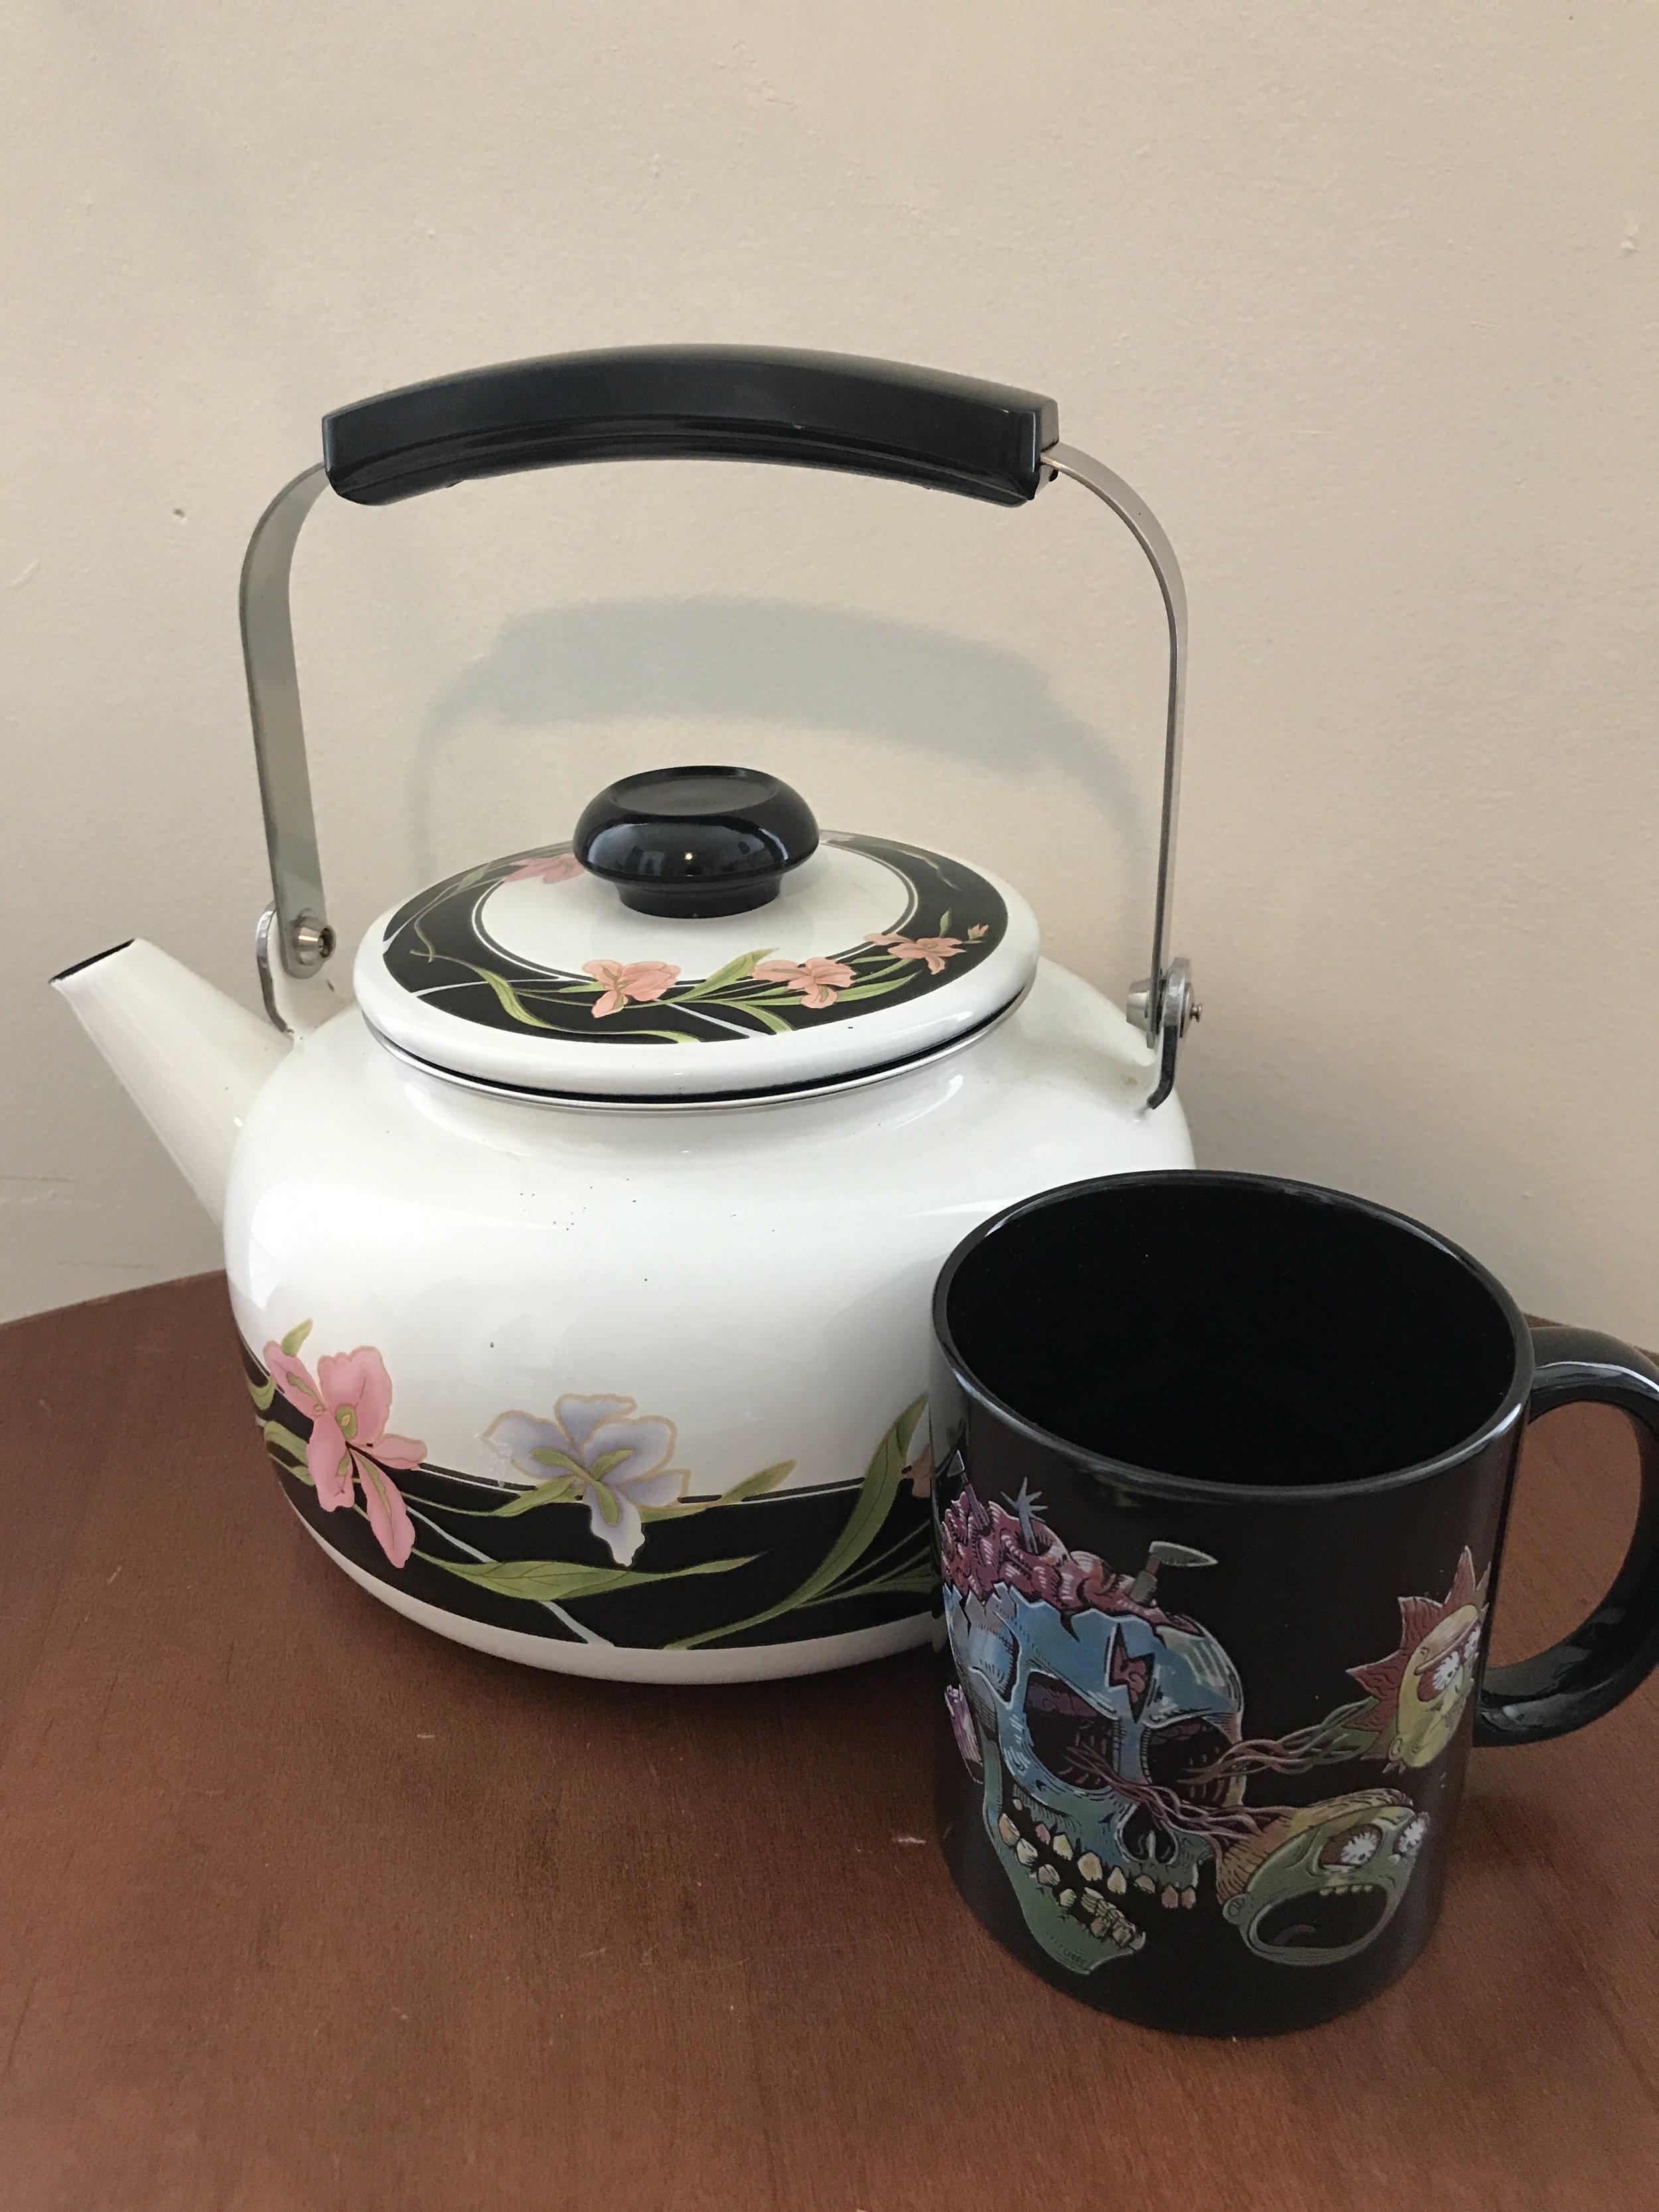 Teapot and Rick & Morty Mug